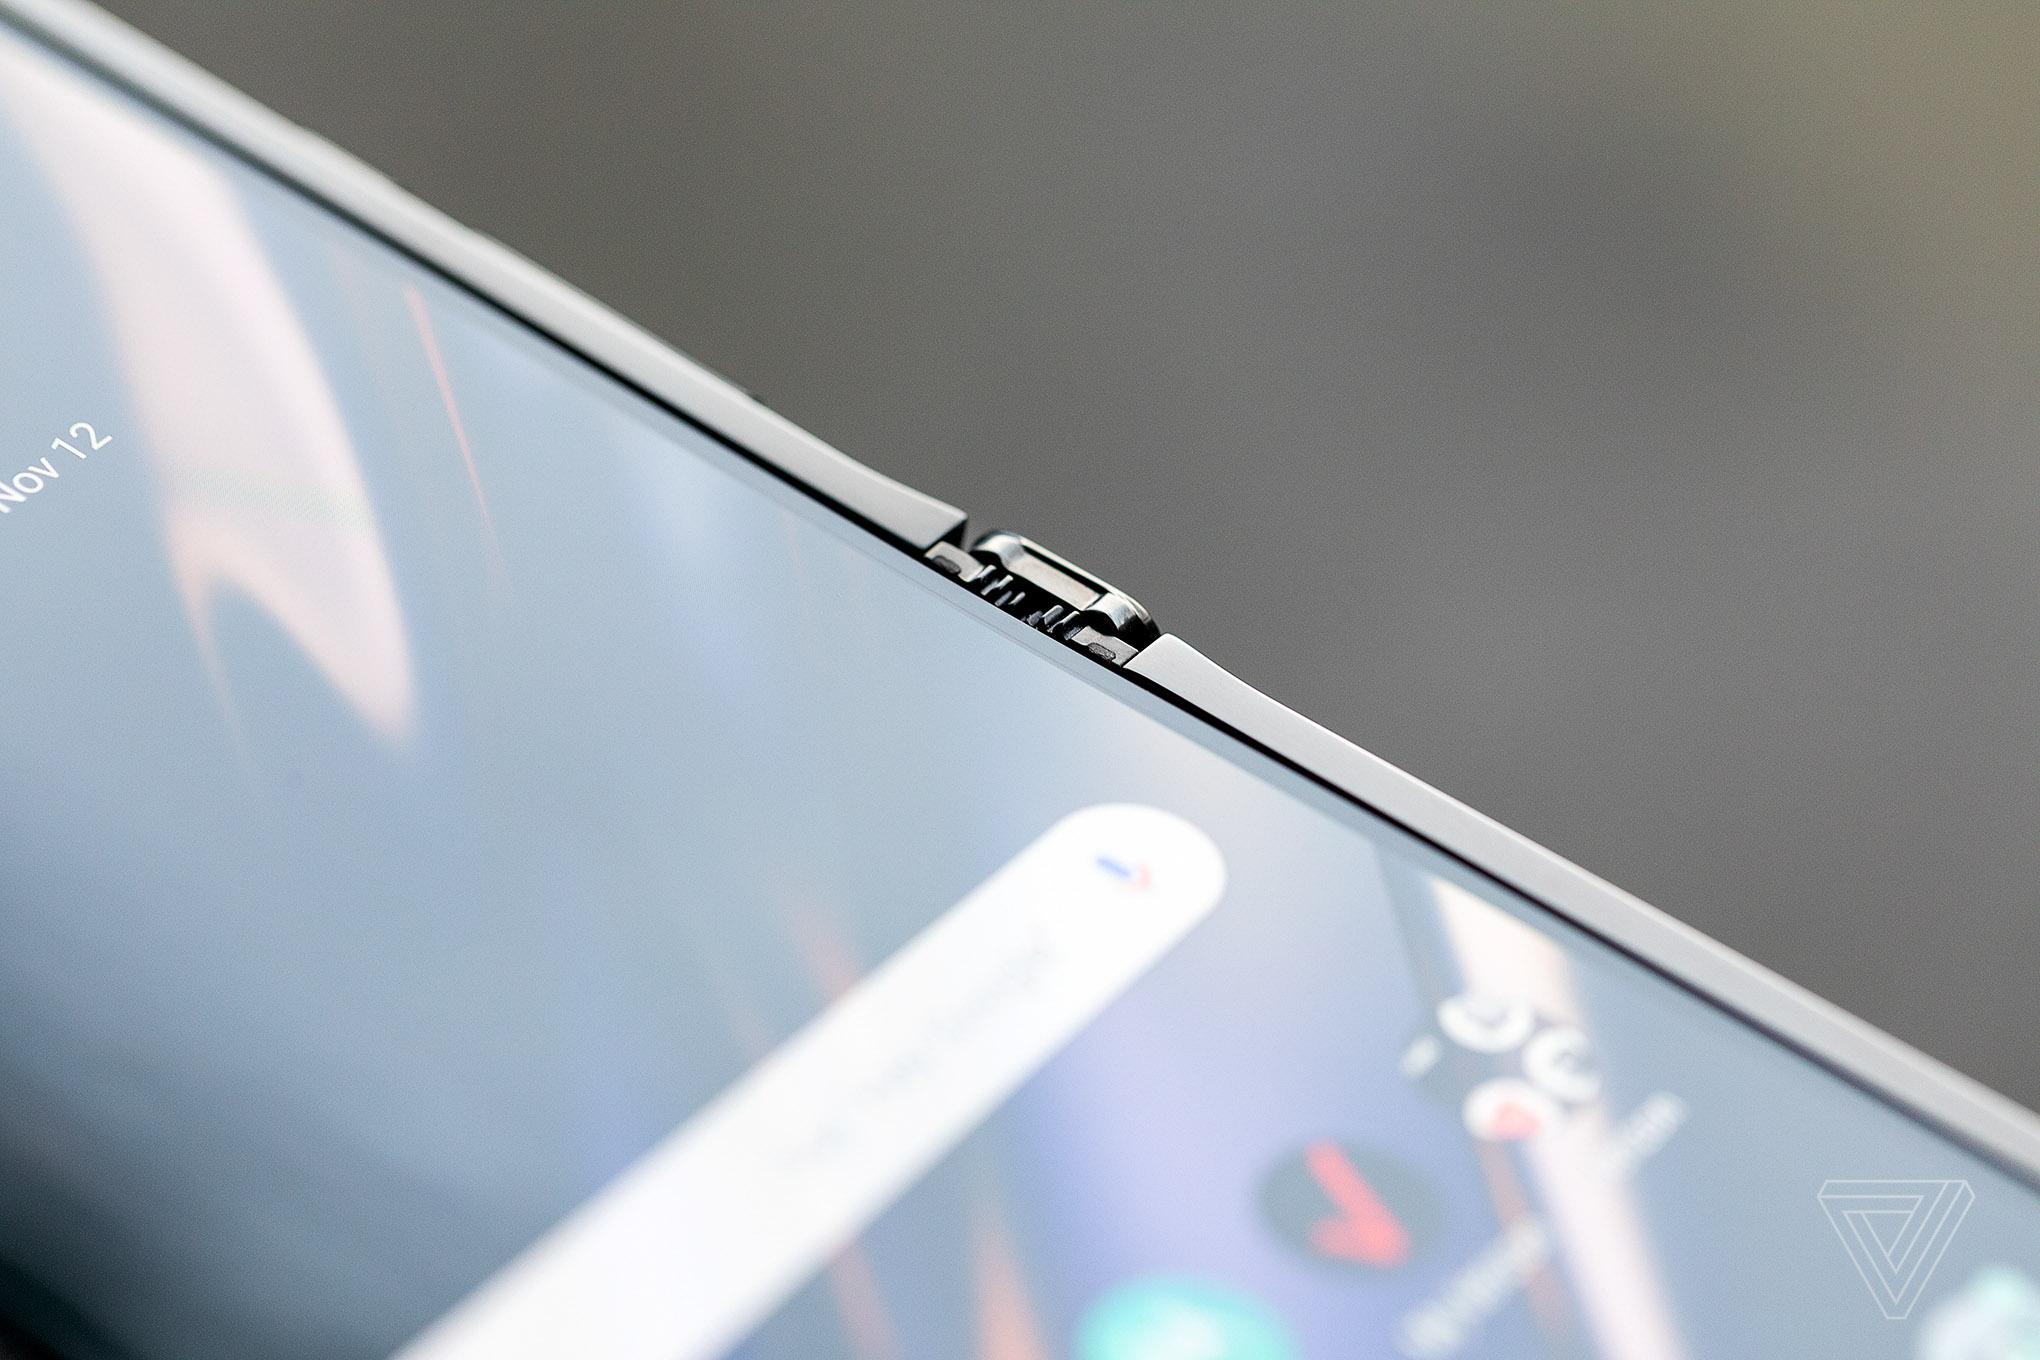 上下折叠屏手机moto Razr海外发布:情怀满分 售1499刀